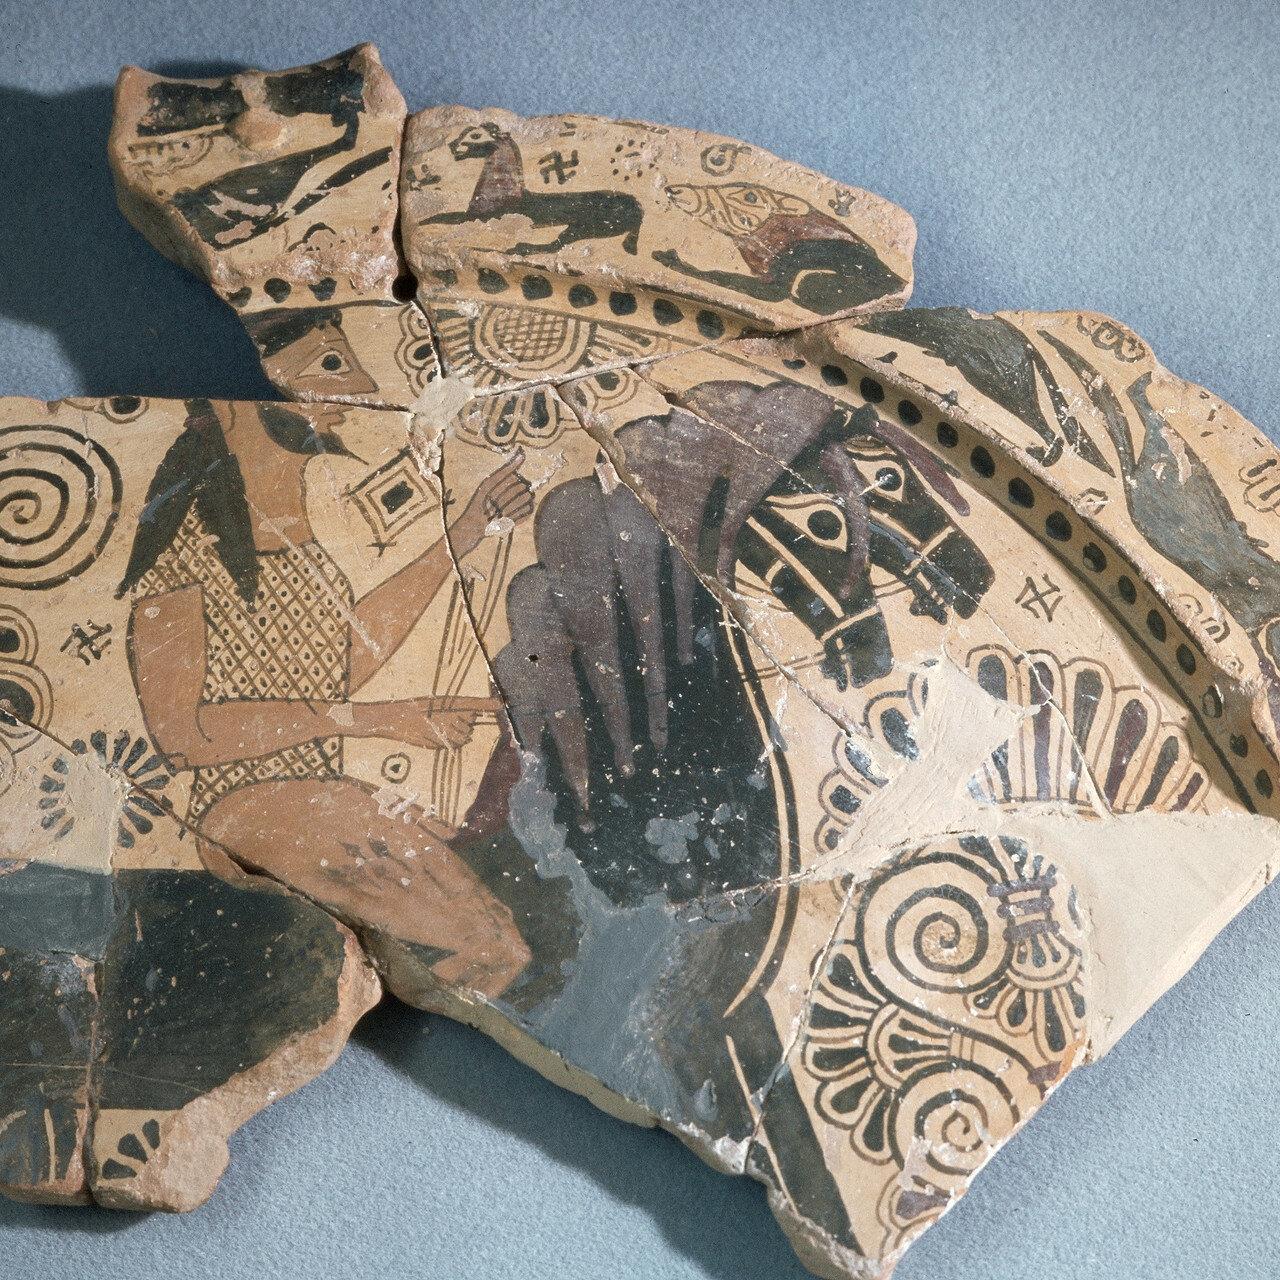 Тасос.  Археологический музей, Архаическое, полихромное изображение всадника из святилища Афины в древнем городе Тасос